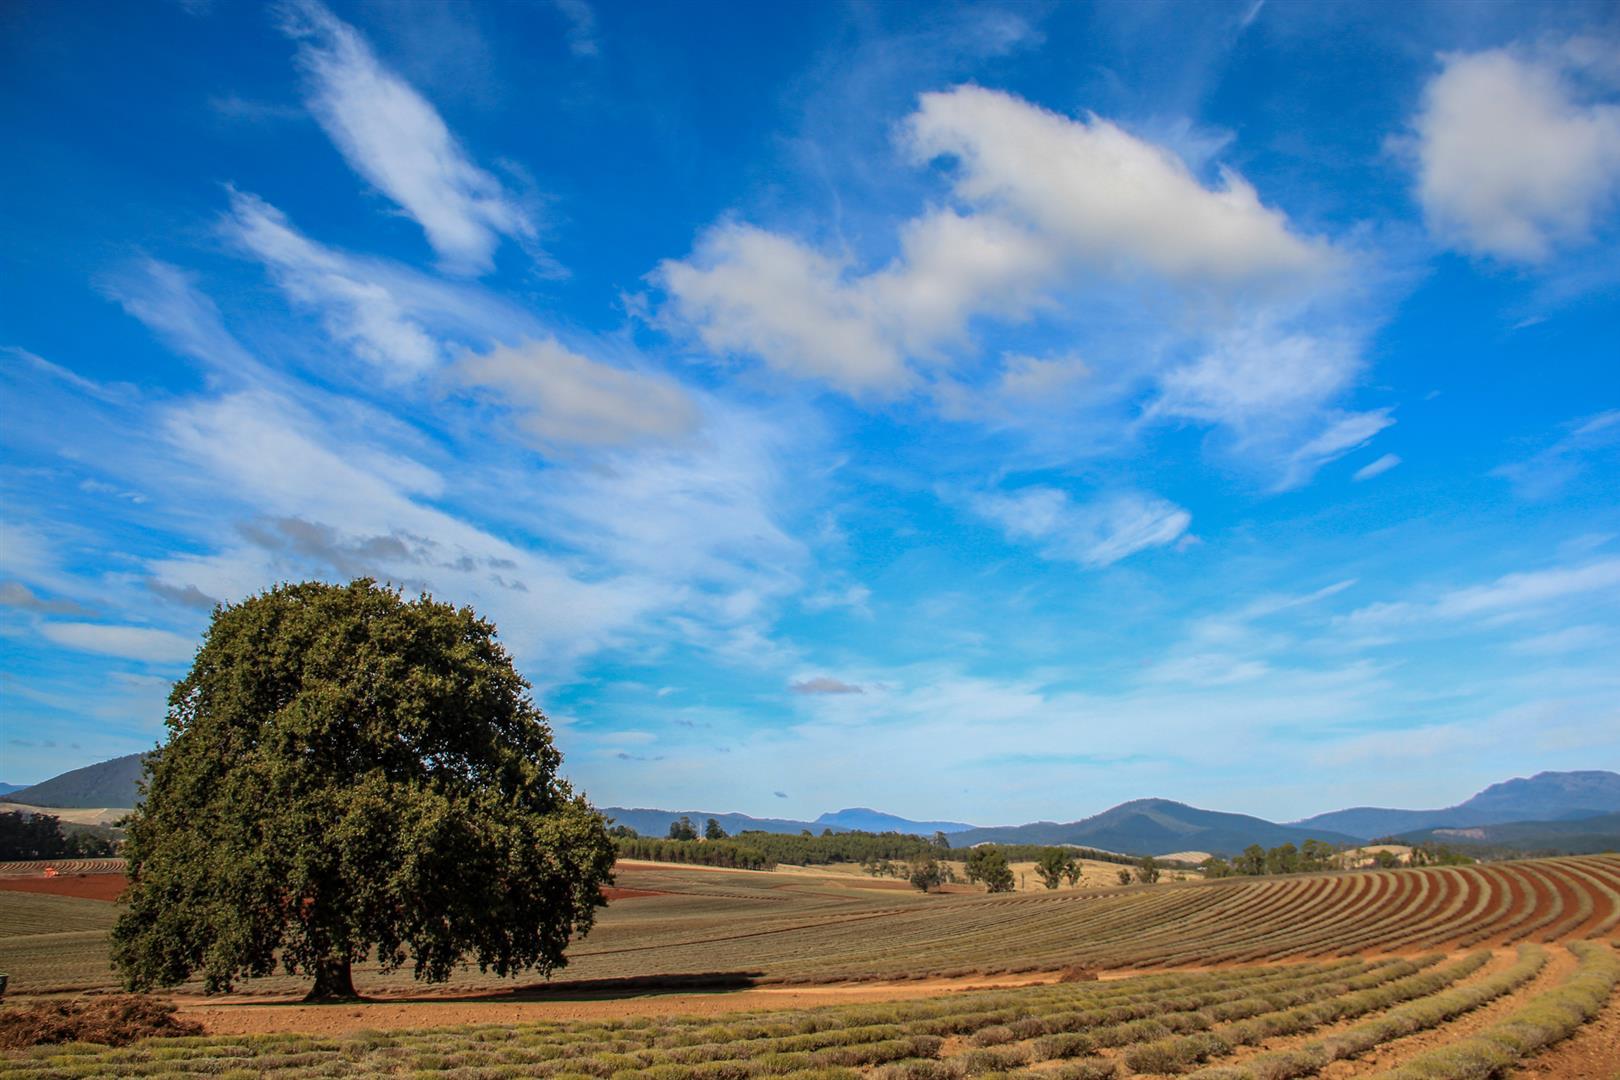 fazenda de lavandas com céu azul